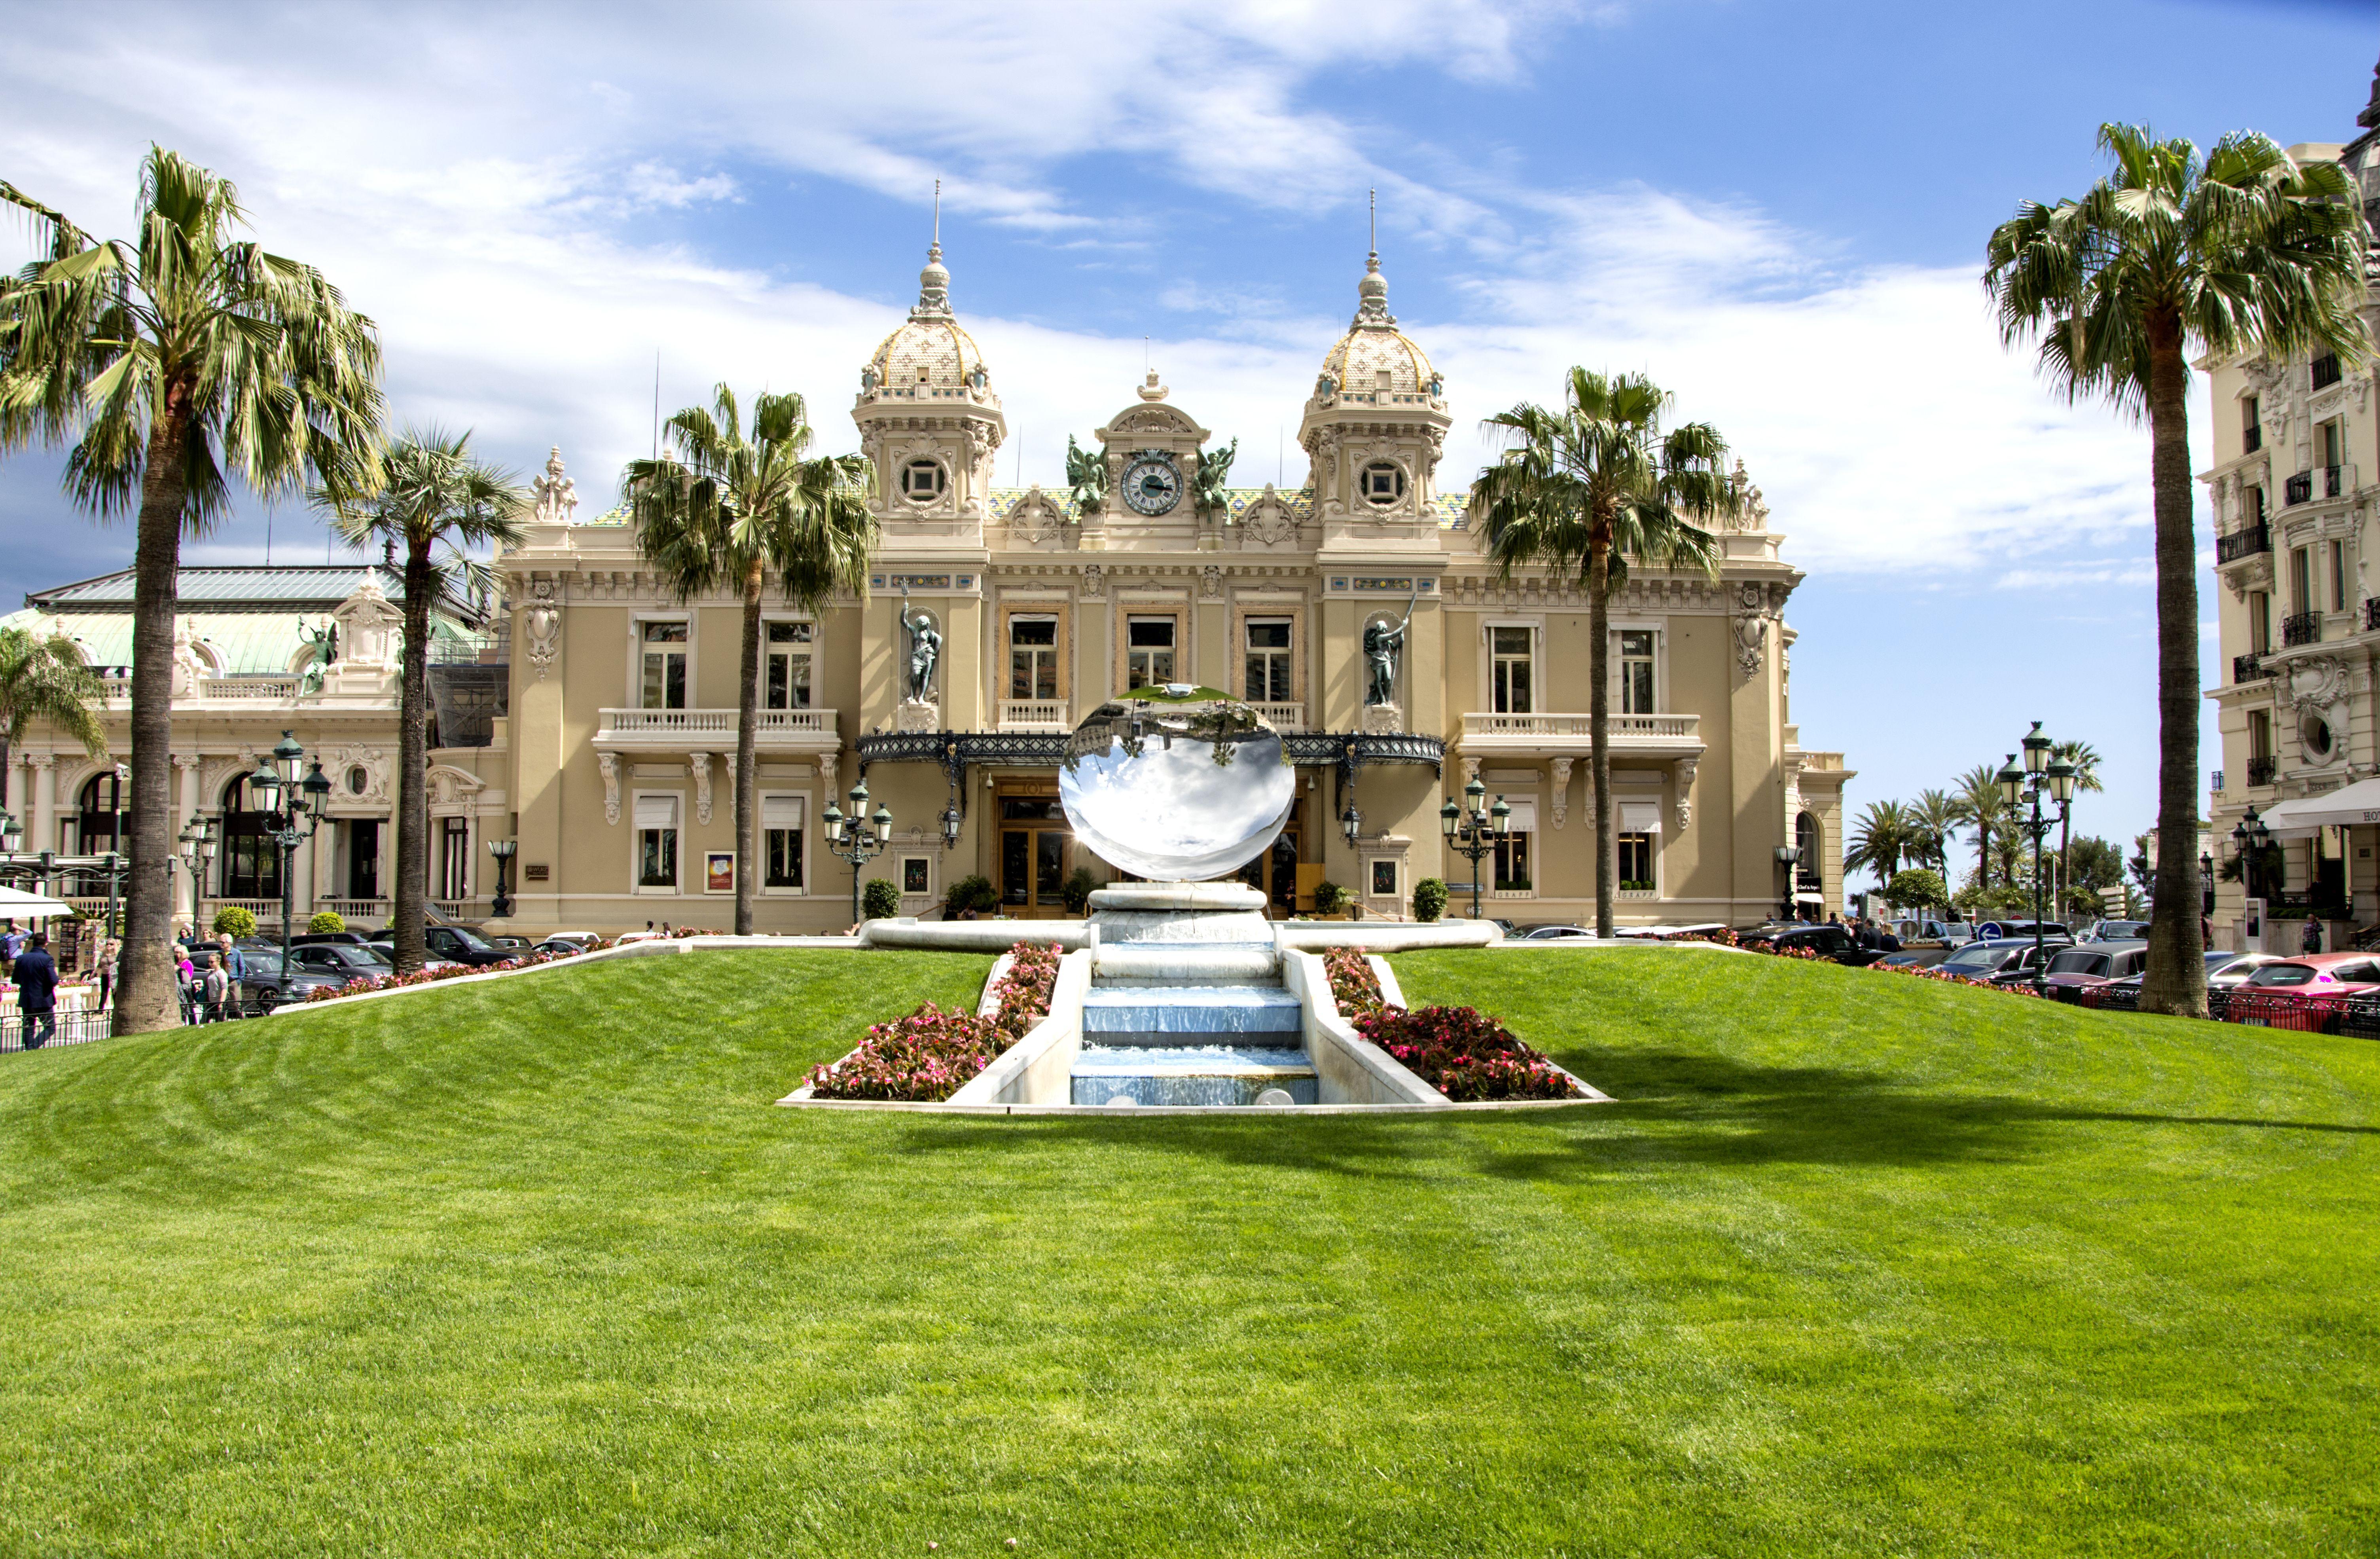 казино в монако с детьми